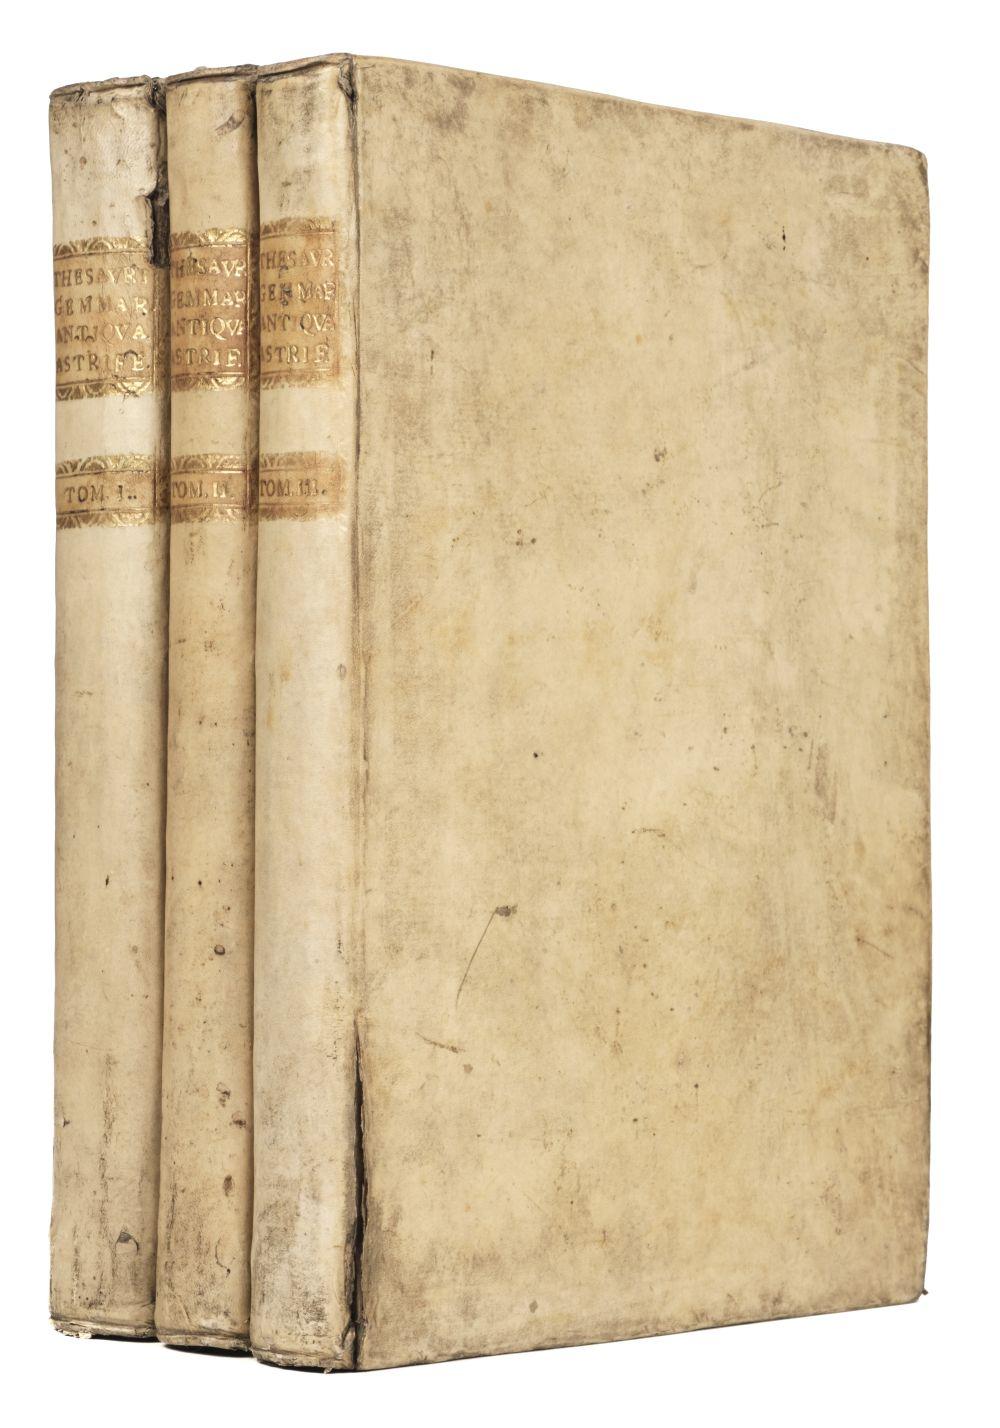 Gori (Antonio Francesco). Thesaurus Gemmarum Antiquarum... - Image 3 of 3